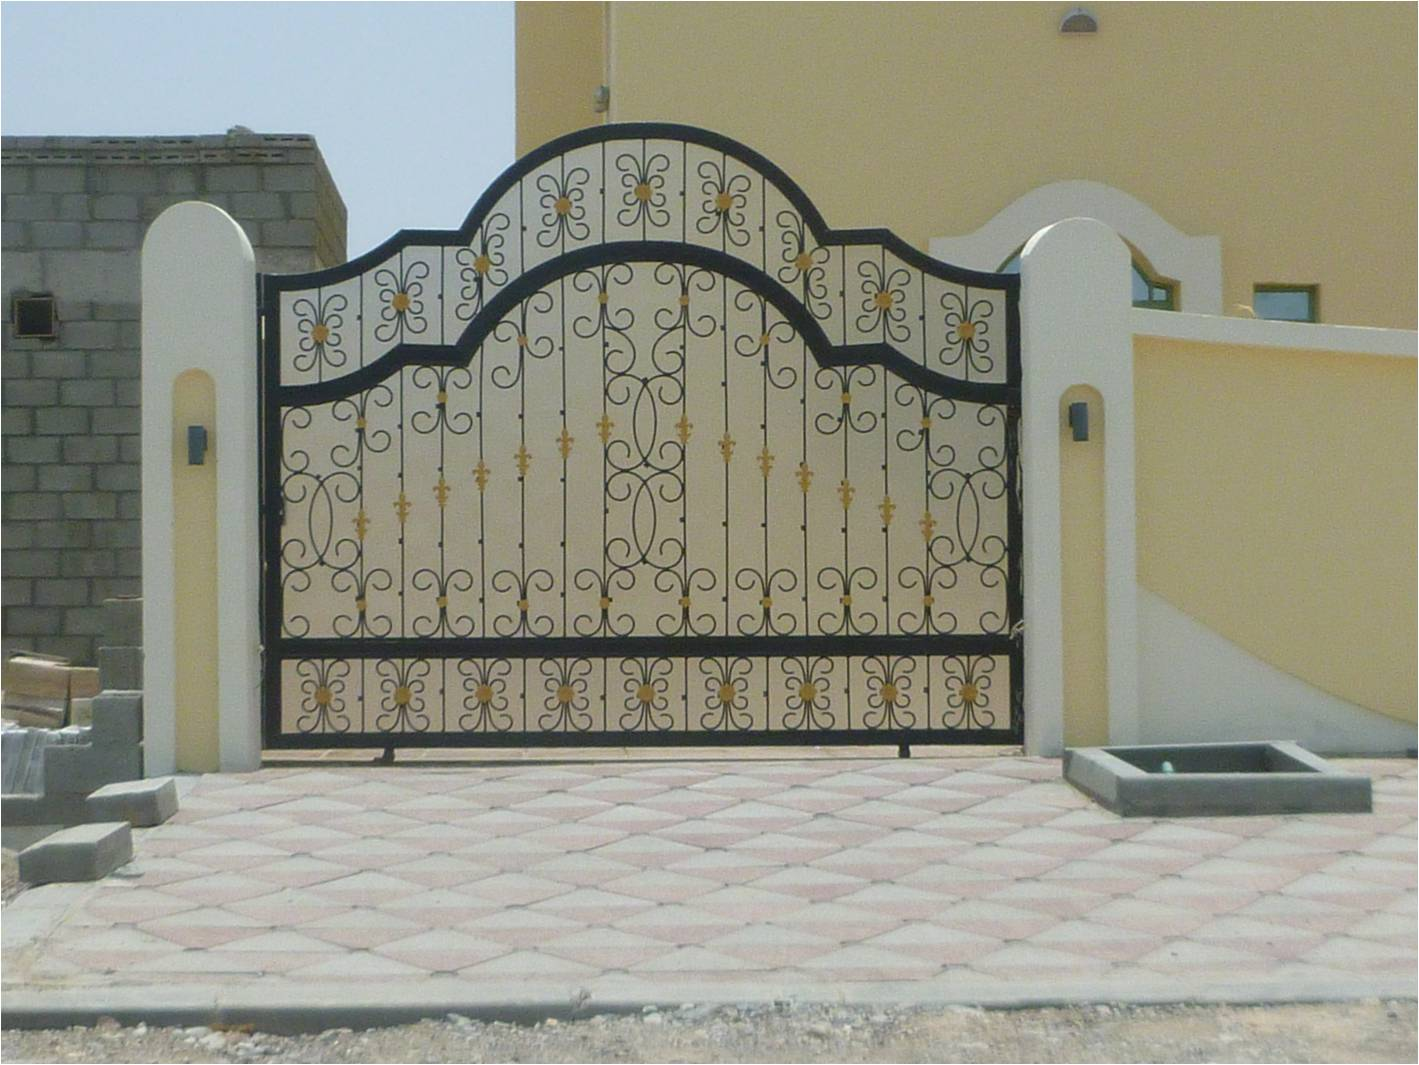 بوابات حديد خارجية للفلل والقصور الفخمة بارقي التصميمات الحديثة (8)